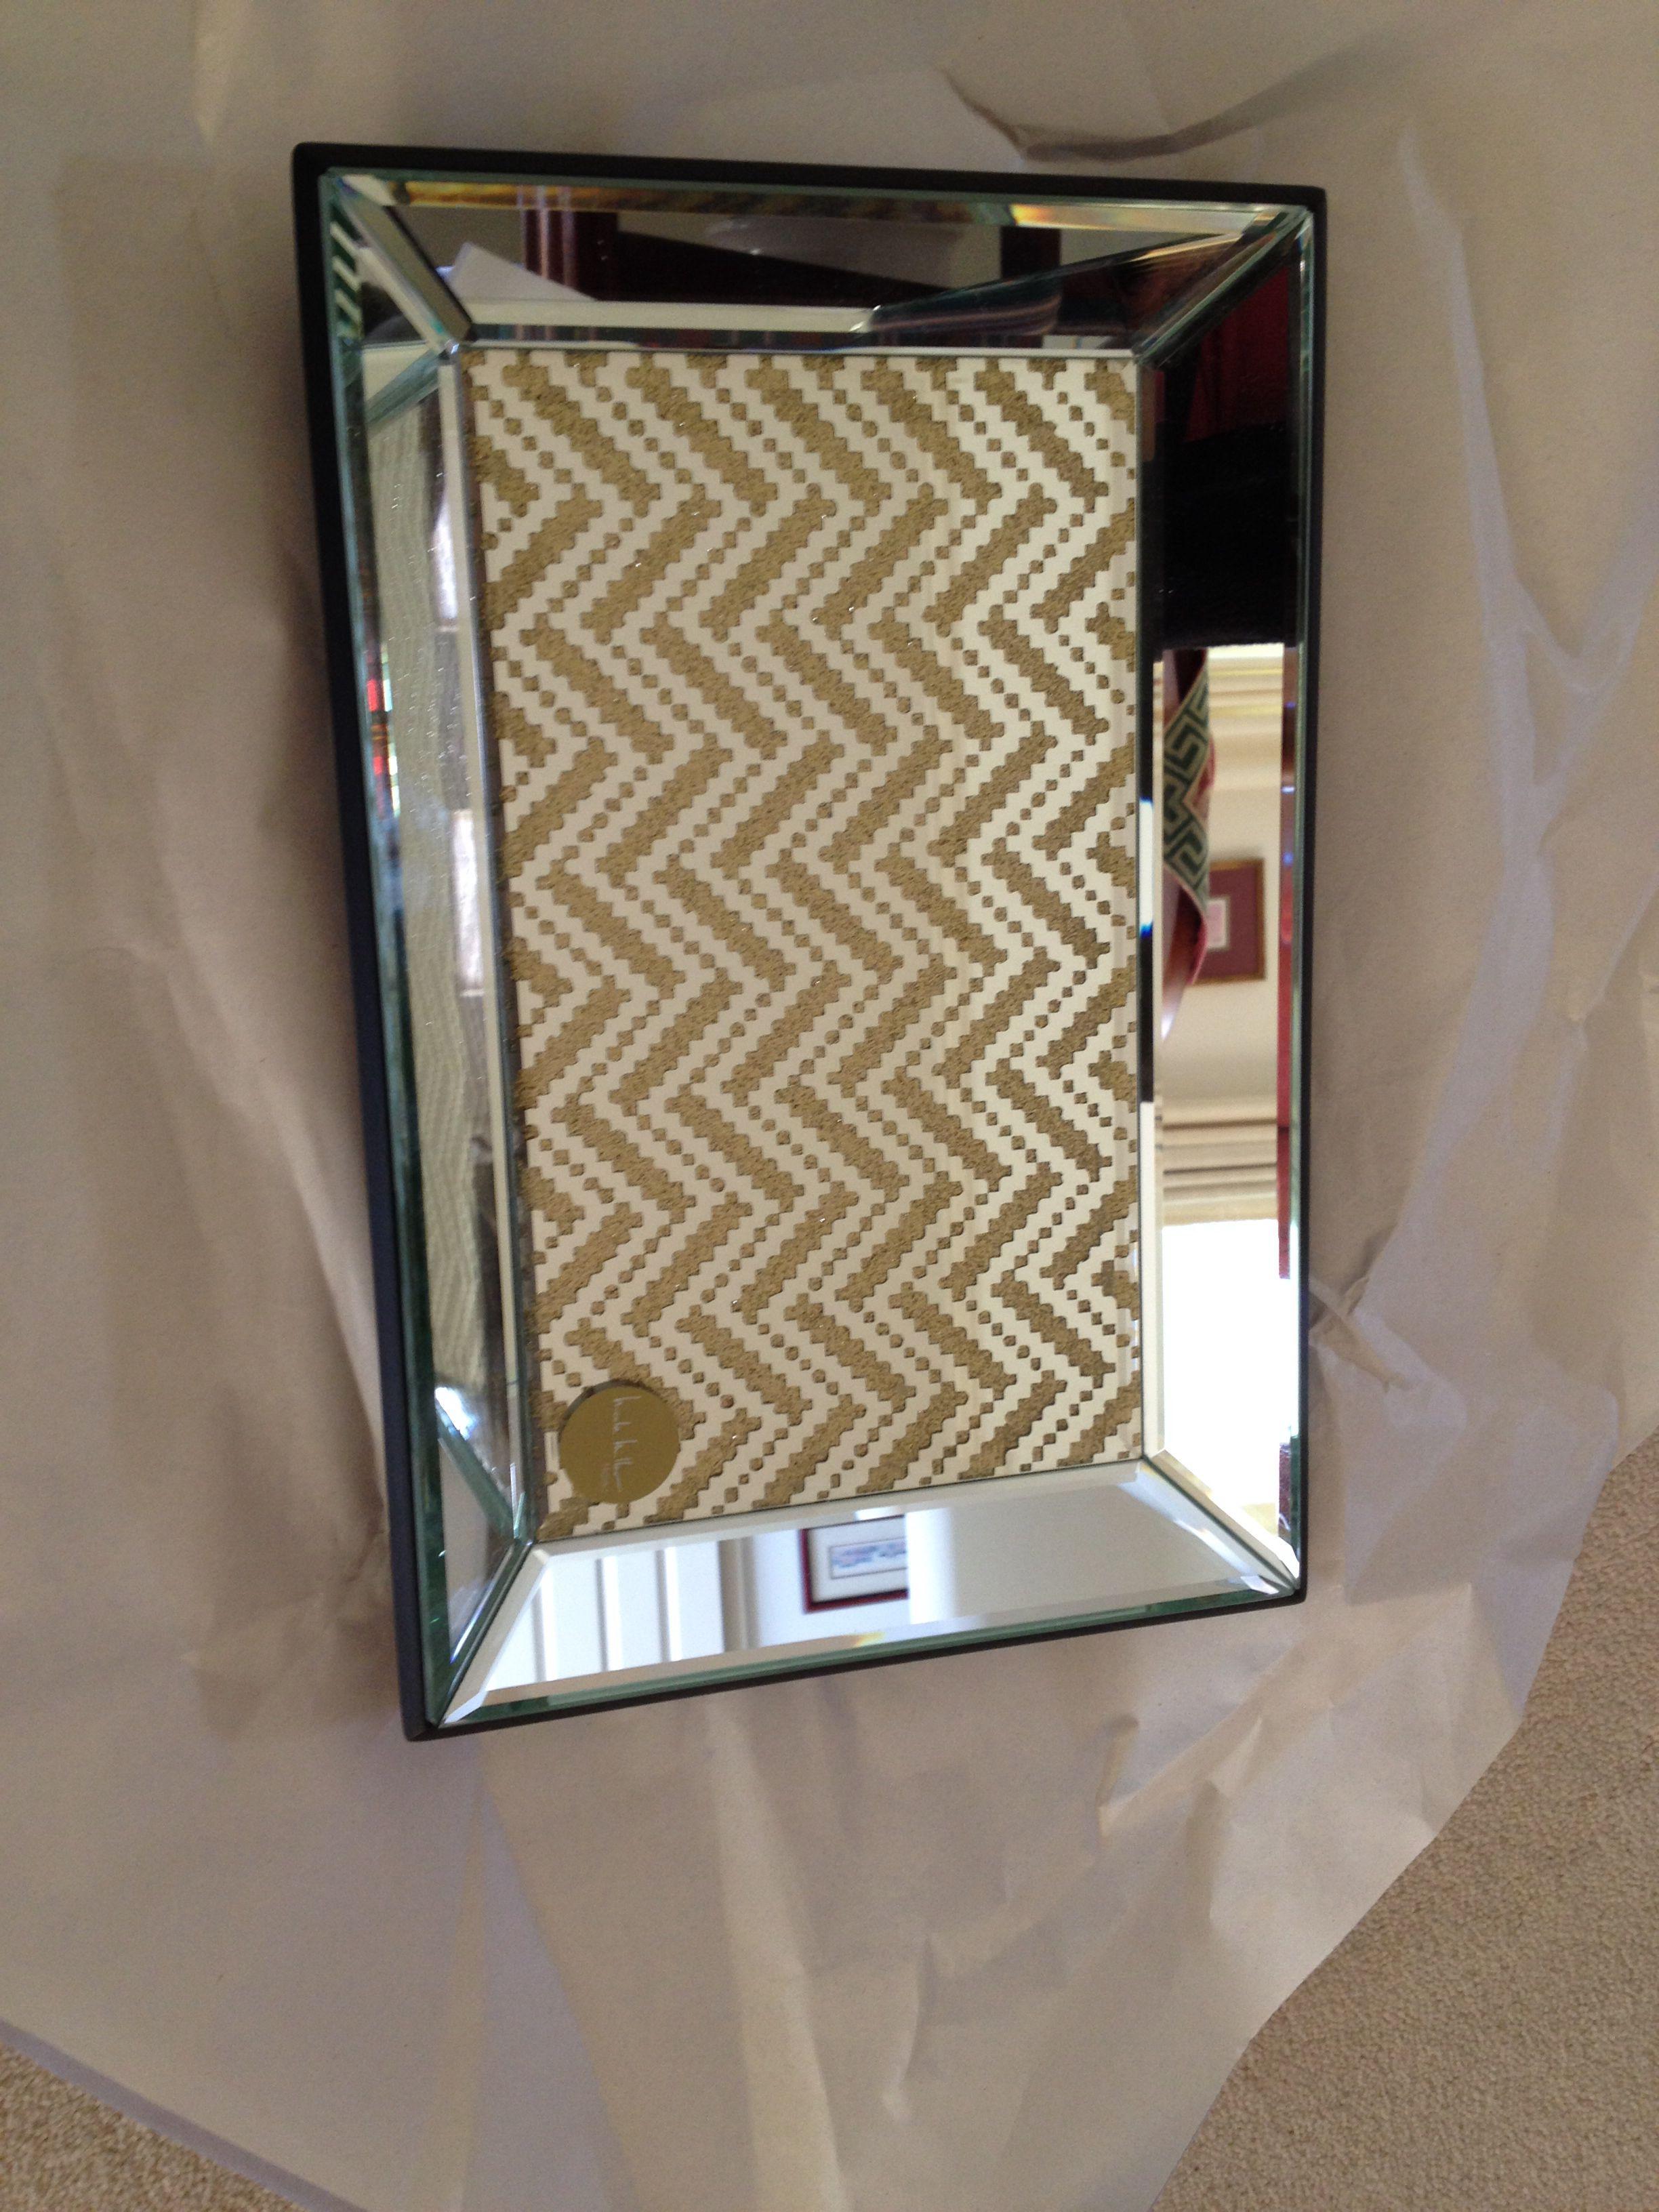 Nicole Miller Wall Mirror : nicole, miller, mirror, Nicole, Miller, Vanity, Goods, Amazing, Bathrooms,, Bathroom, Vanities, Sale,